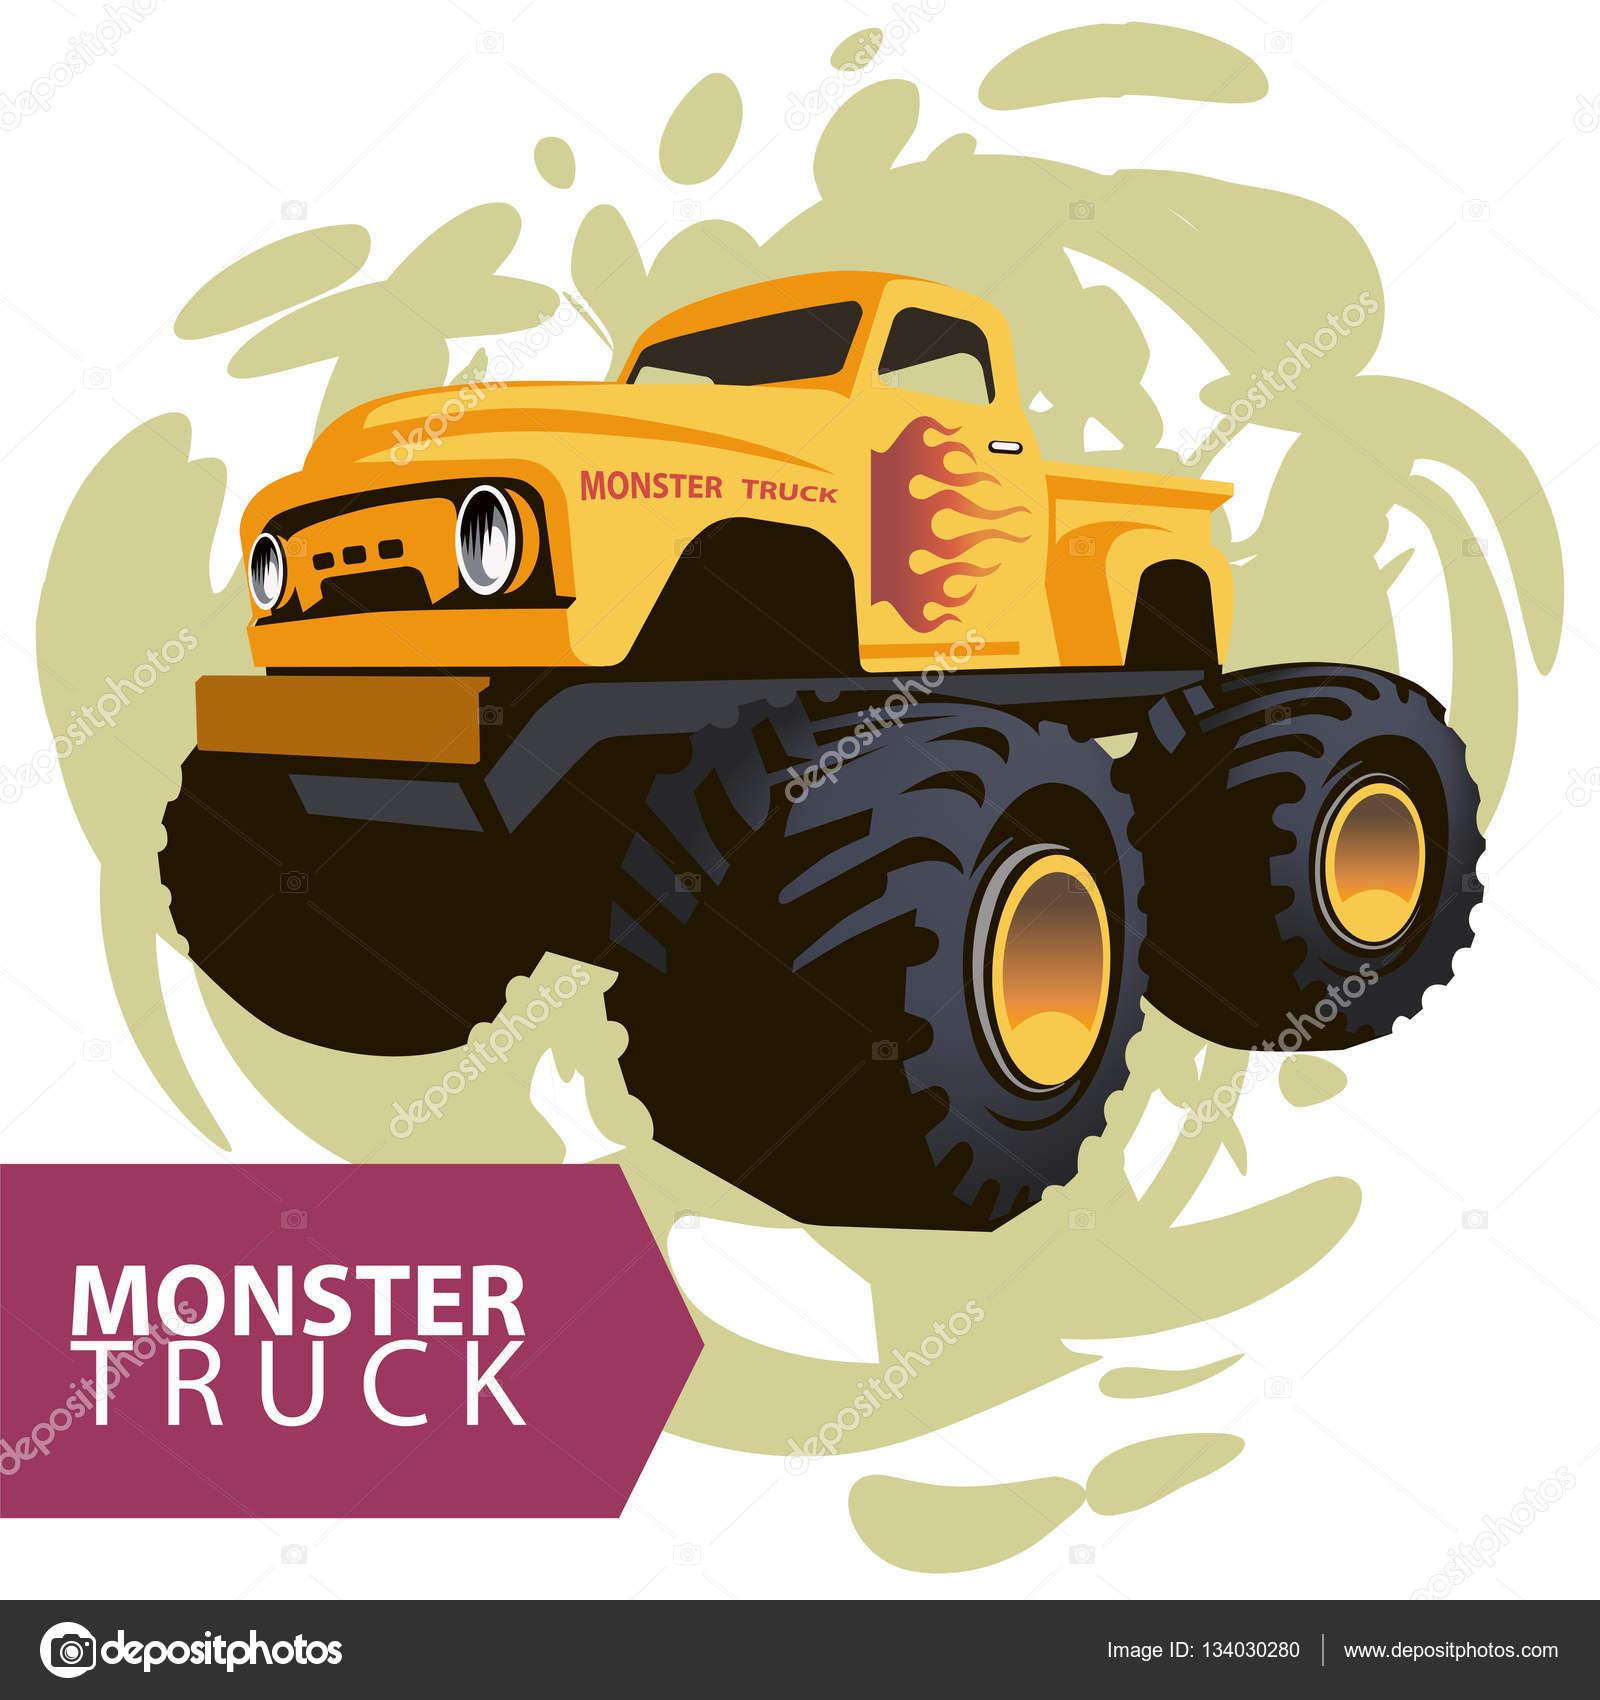 Vector yellow monster truck — Stock Vector © Radzko #134030280